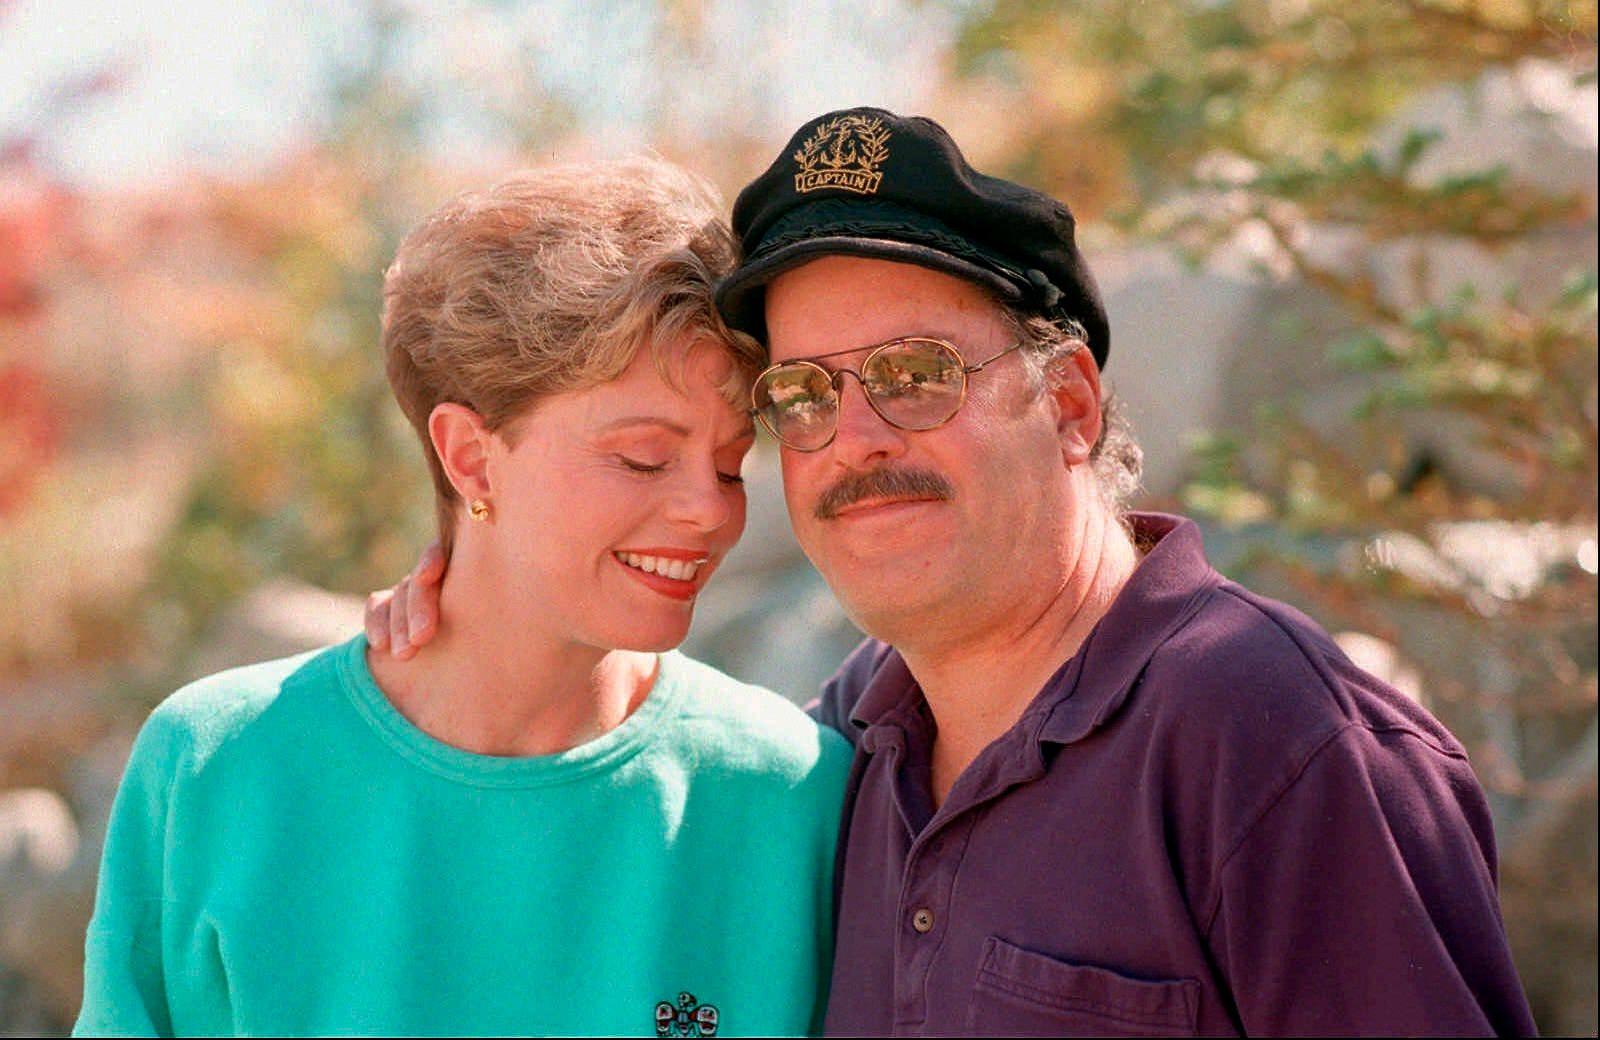 Captain and tennille. Captain & Tennille - Por amor viviremos versuri - RO